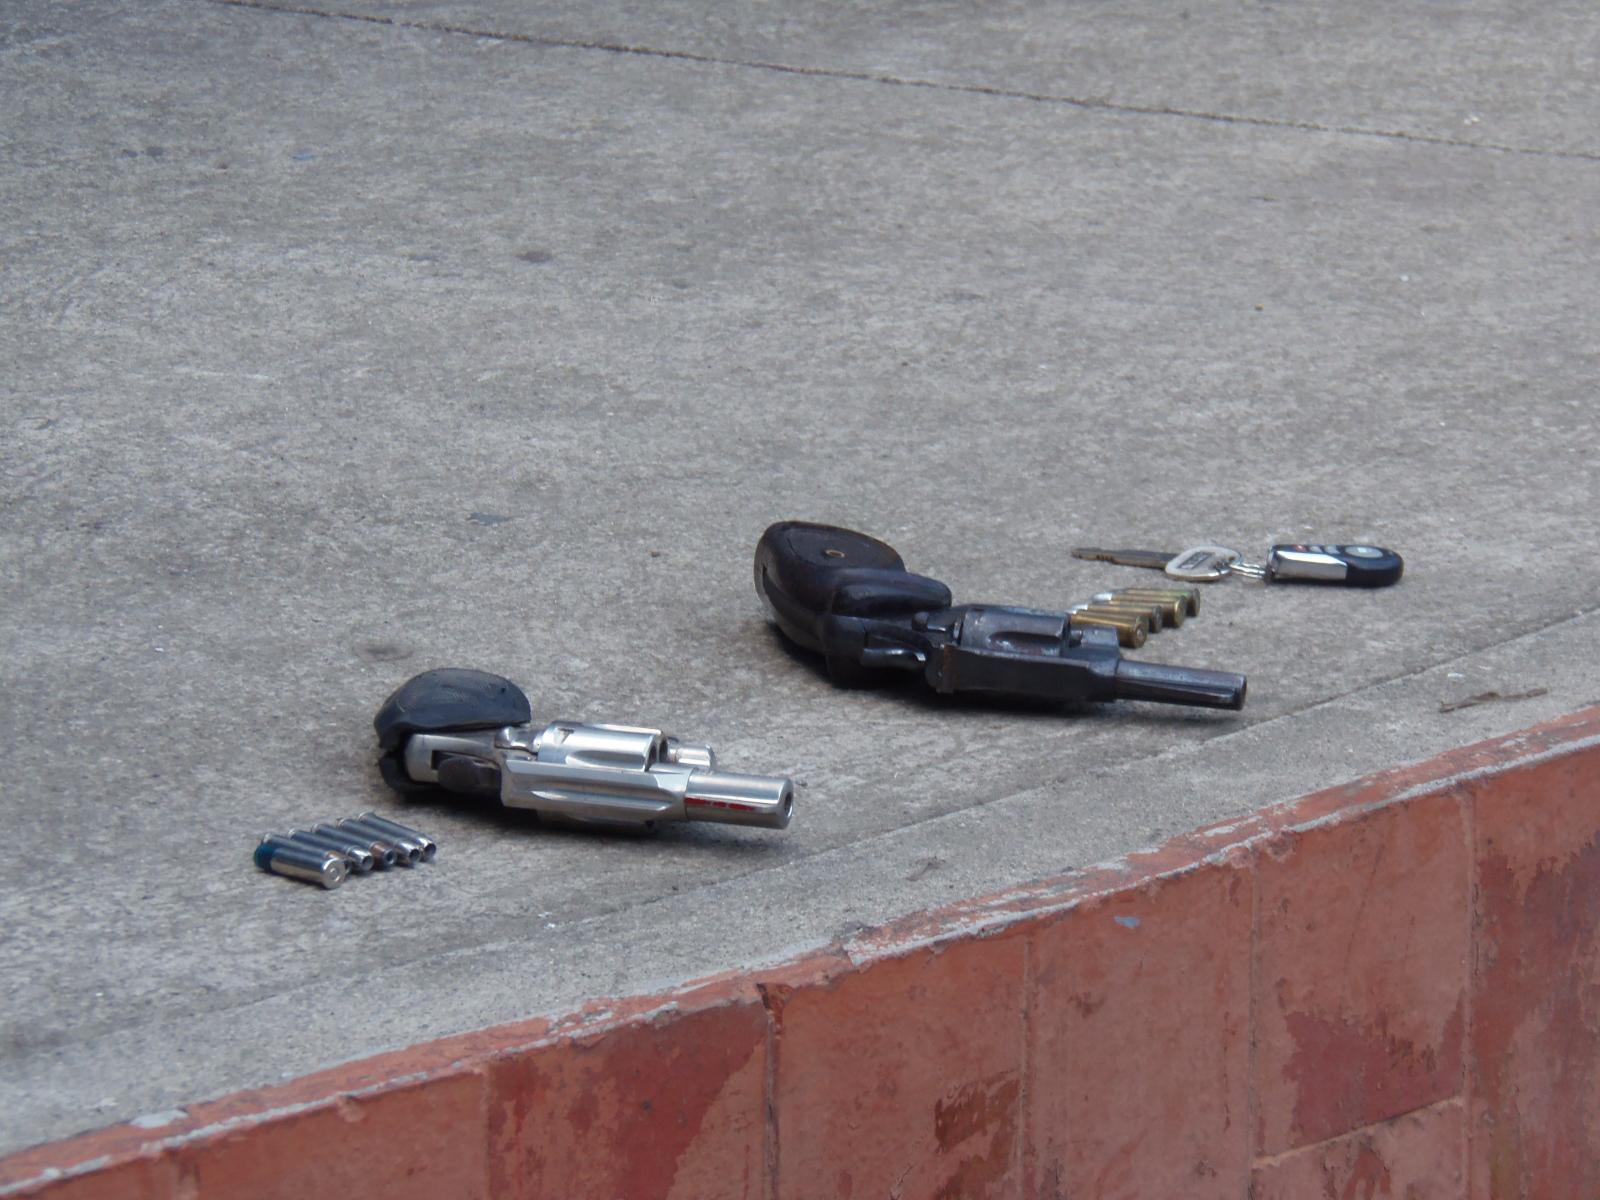 Condenan pandillero de la 18 por Tenencia y Portación Ilegal de Arma en Ahuachapán